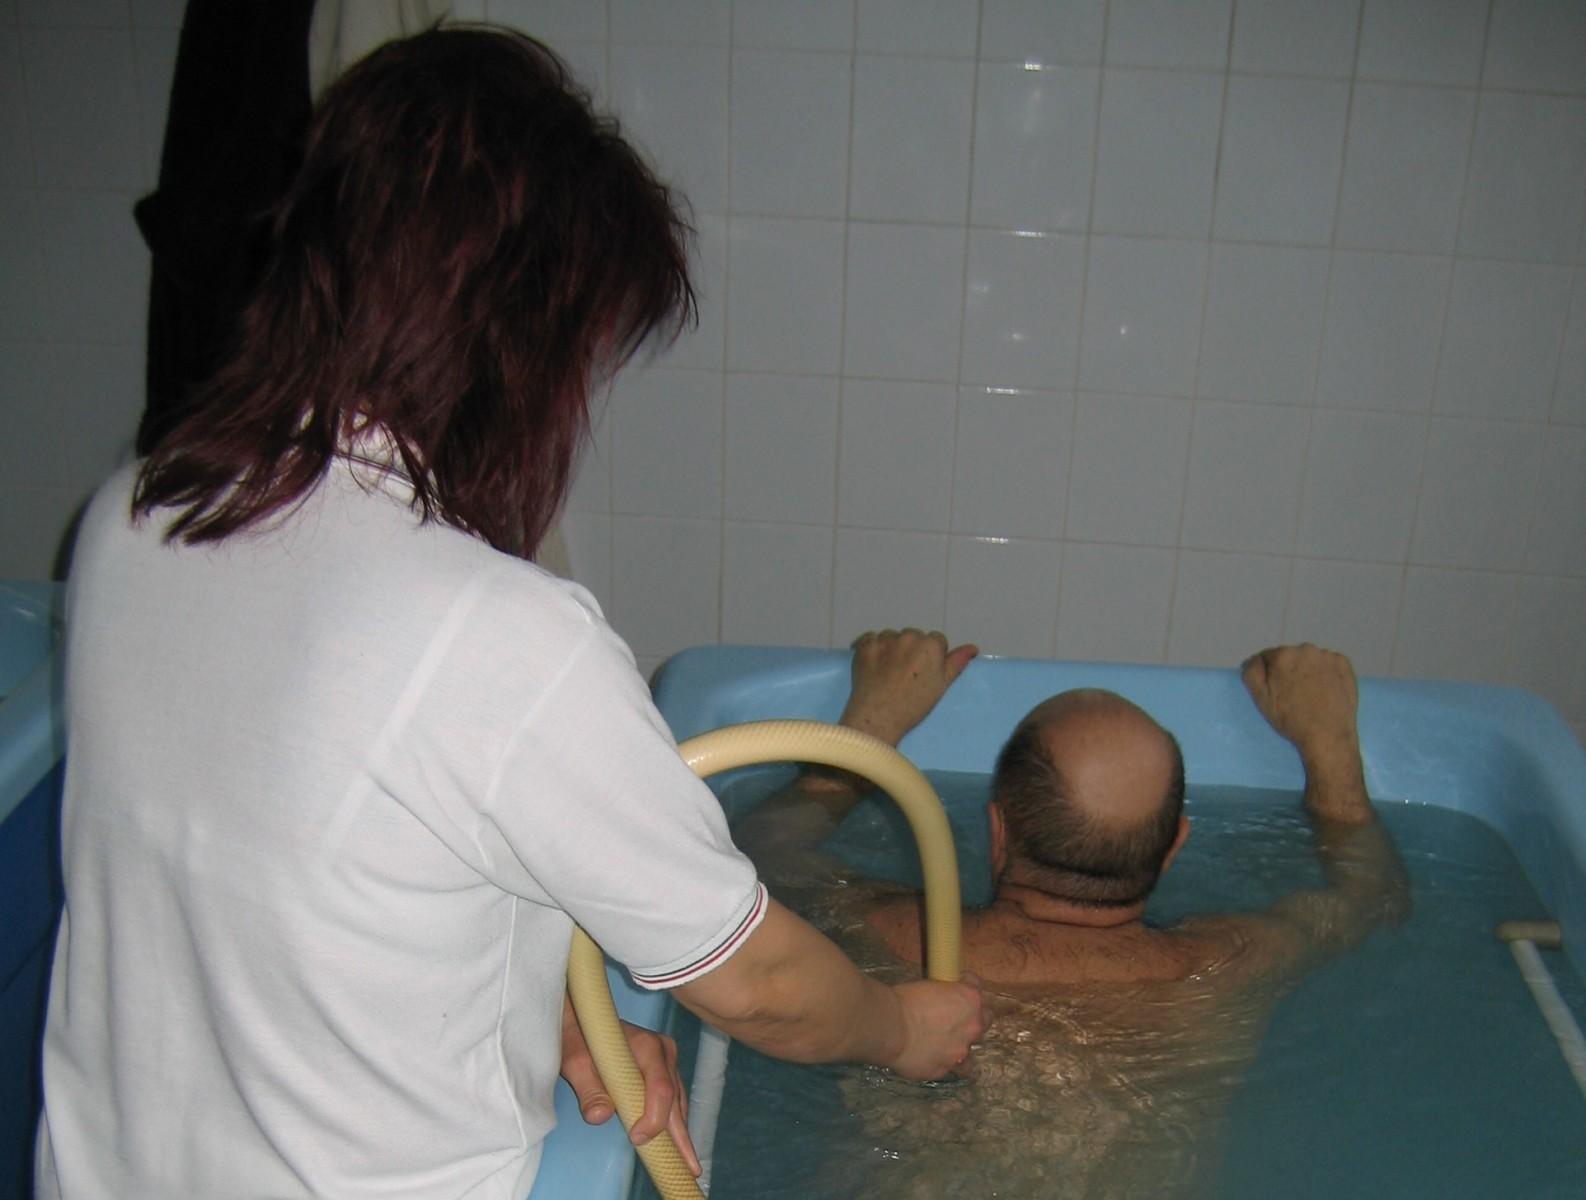 ízületi kezelés a fürdőben fájdalom a lábak, karok ízületeiben